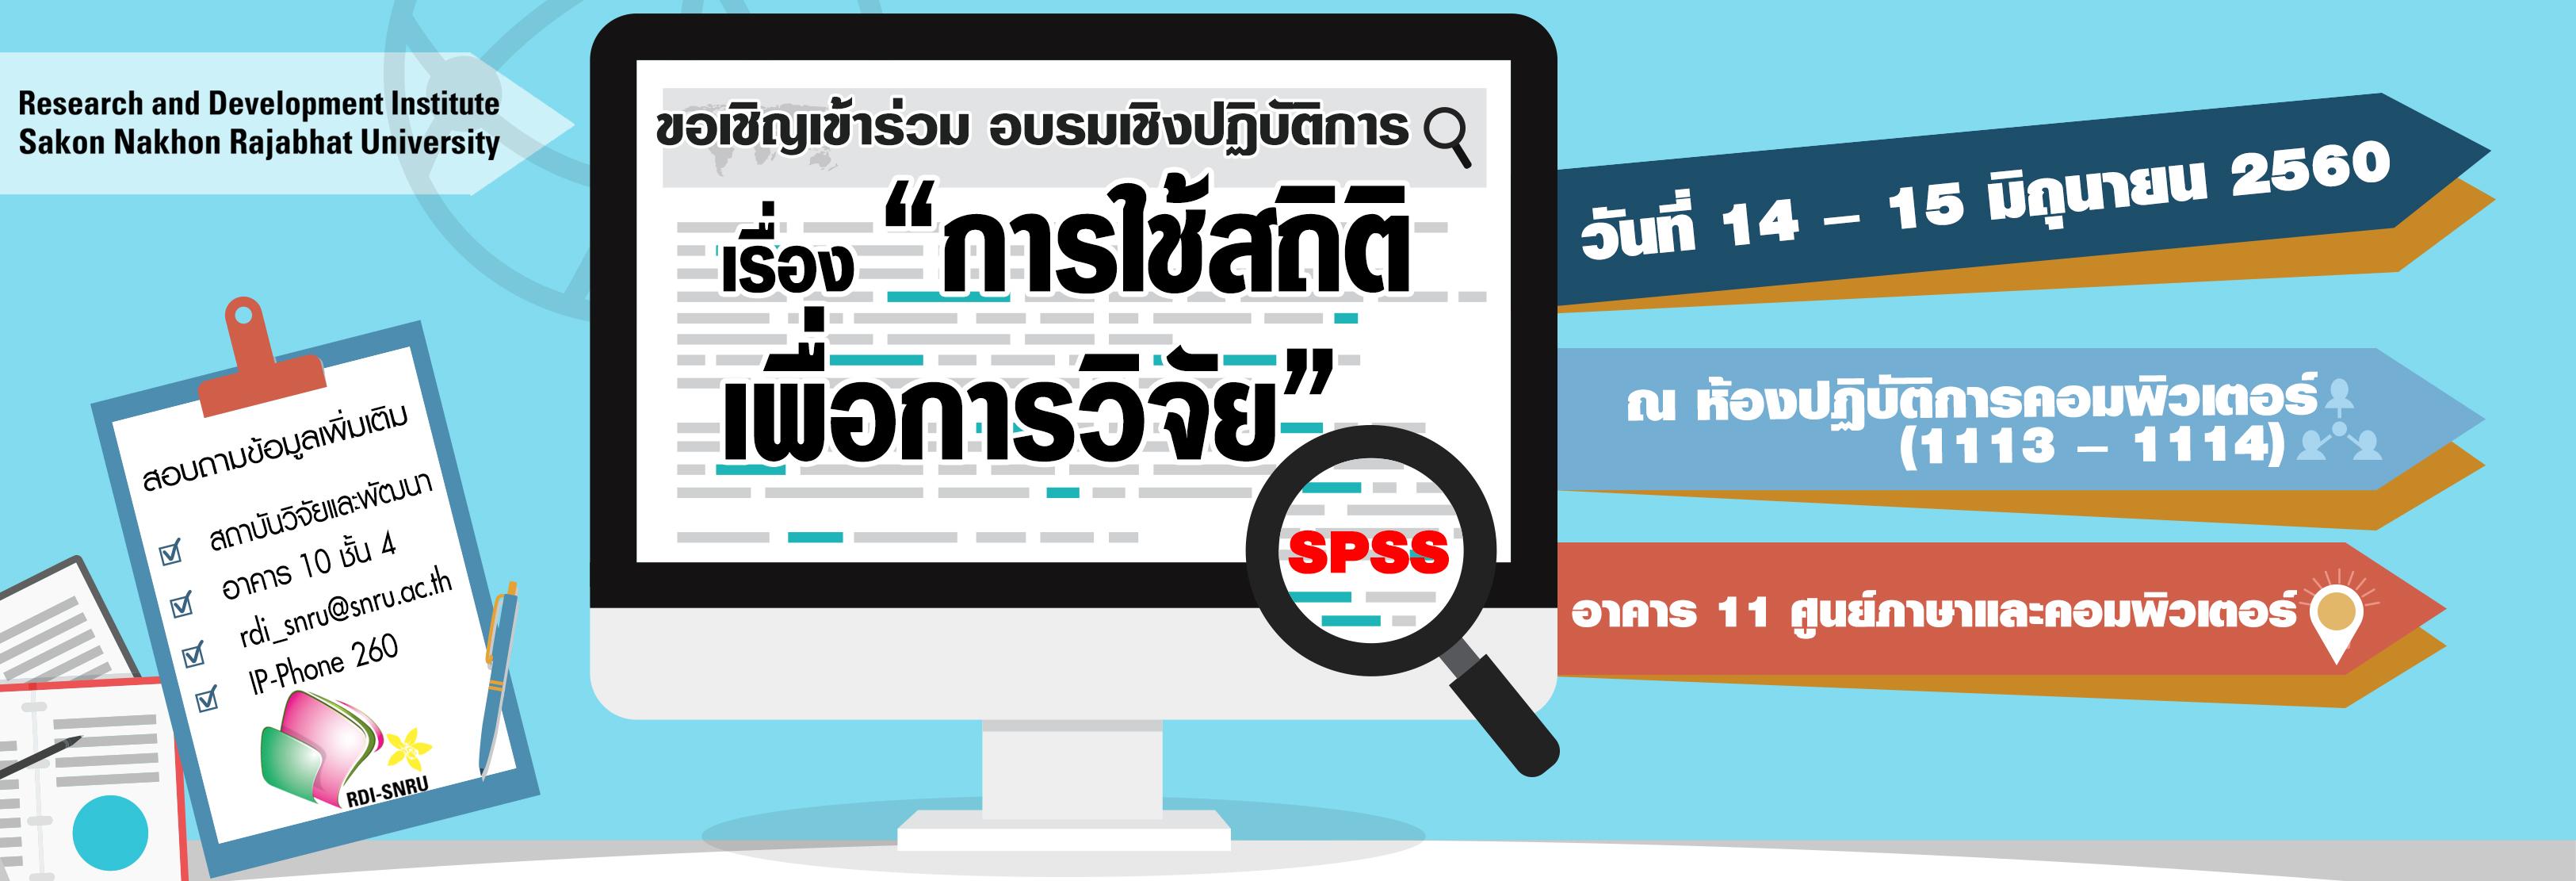 ขอเชิญเข้าร่วม อบรมเชิงปฏิบัติการ เรื่องการใช้สถิติ เพื่อการวิจัย (โปรแกรม SPSS)